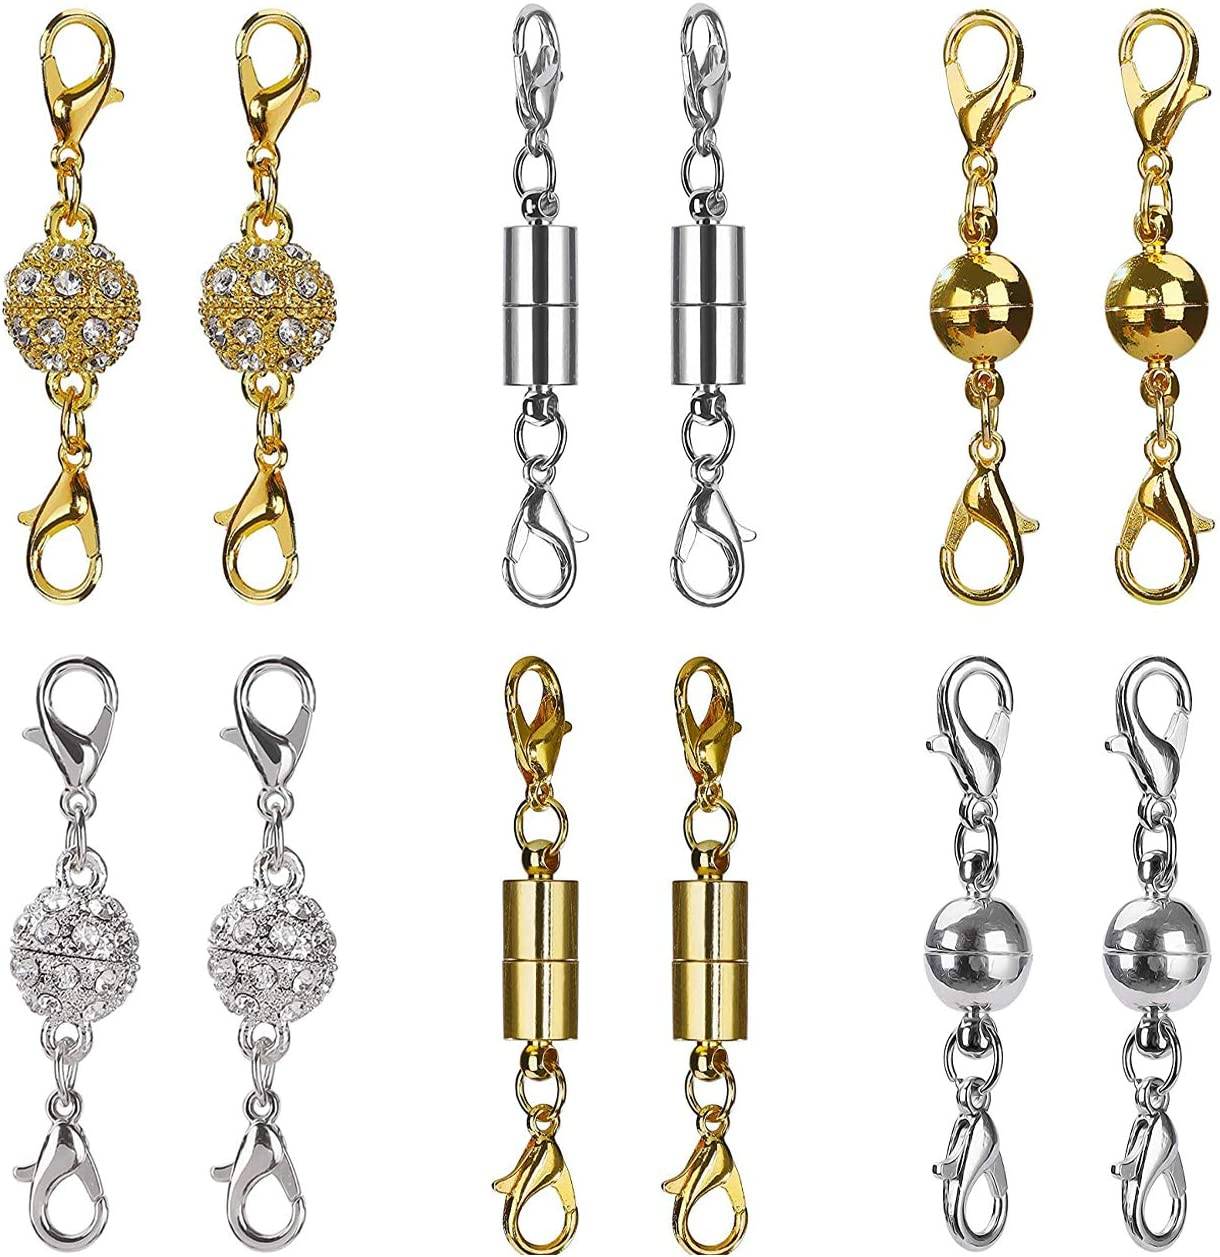 YUEMING 12 Piezas Joyería Cierre Magnético, Broche de Collar de Joyería Magnética Cilíndrico y Tono de Bola Broche de Langosta Magnético de Diamantes de Imitación para DIY Bisutería Collar Pulsera